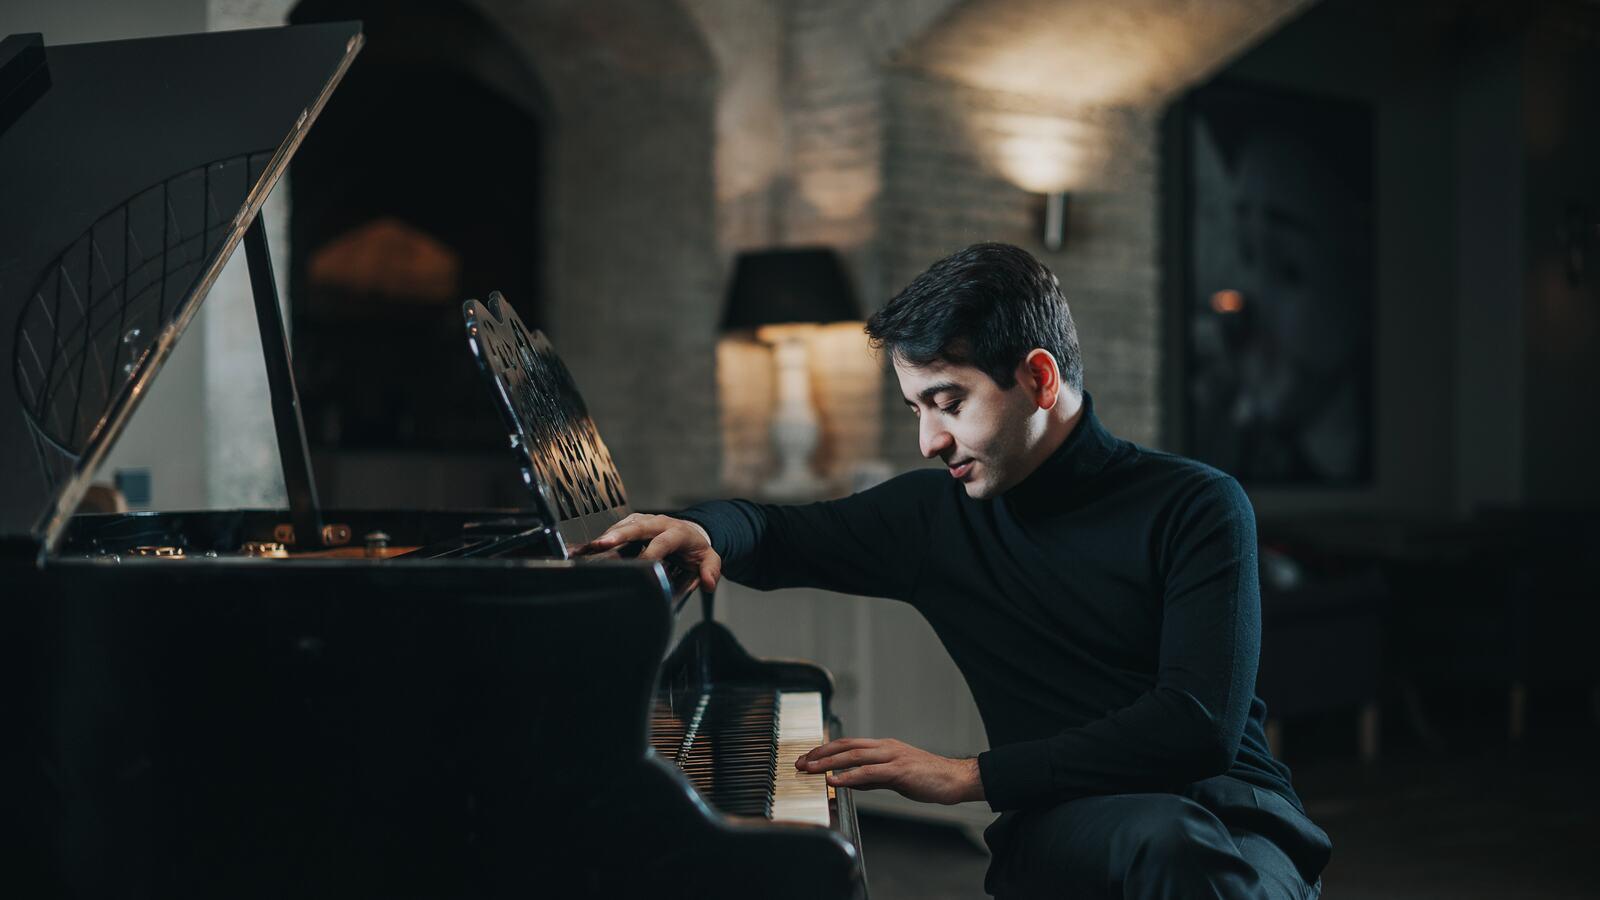 Luka Okros at the piano